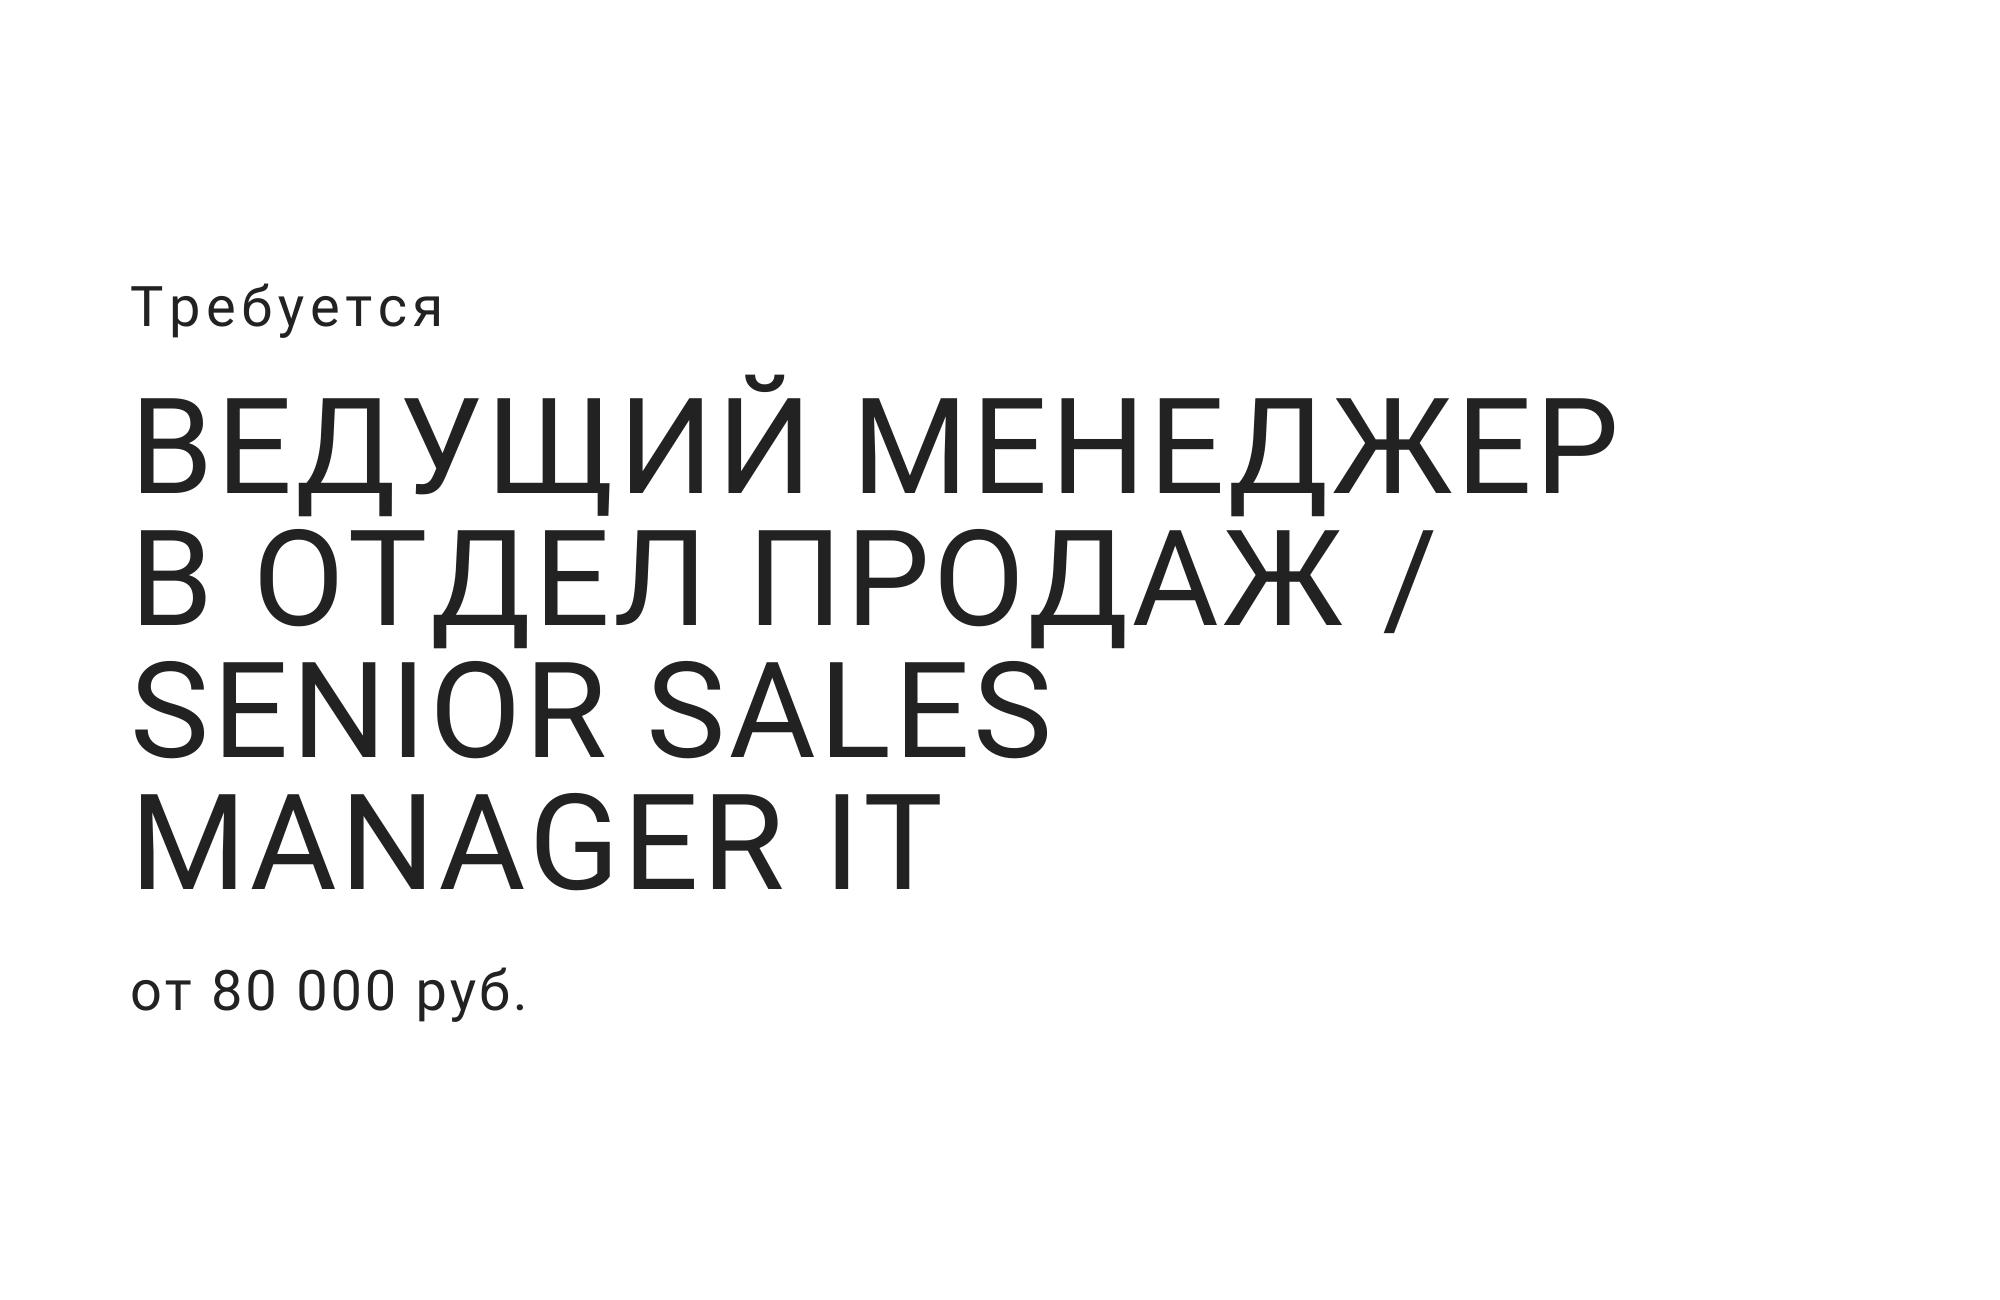 Senior Sales manager IT / Ведущий менеджер в отделе продаж IT